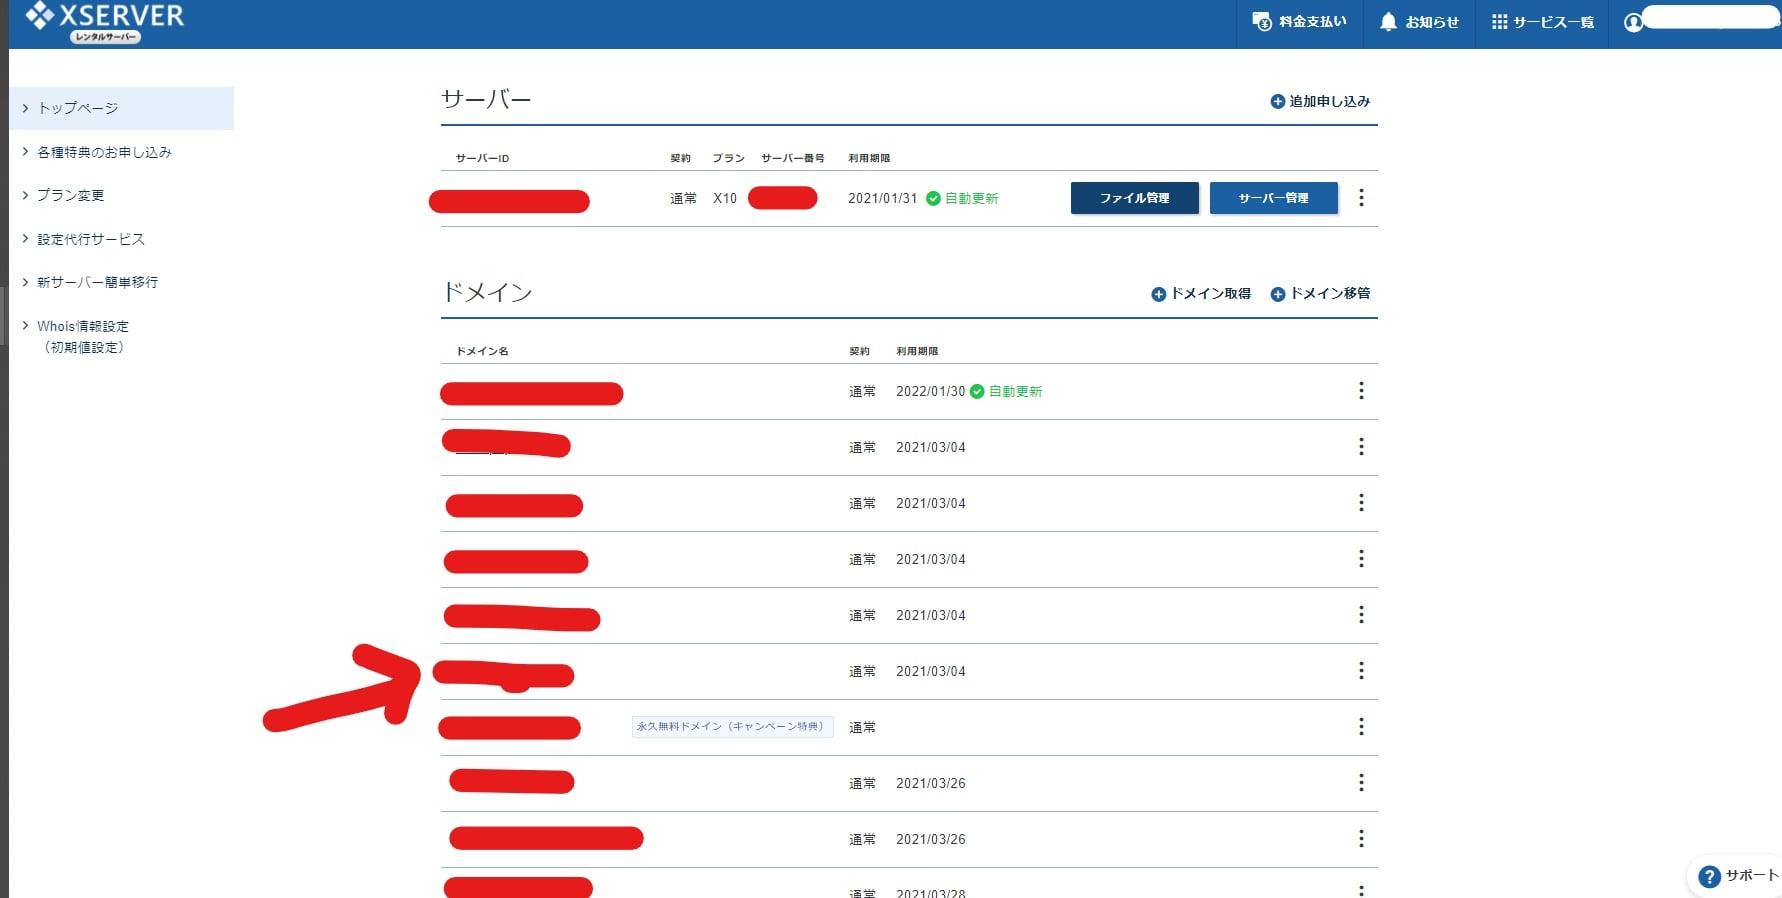 エックスドメインの中からロリポップにサーバーを変えるドメインを選ぶ画像